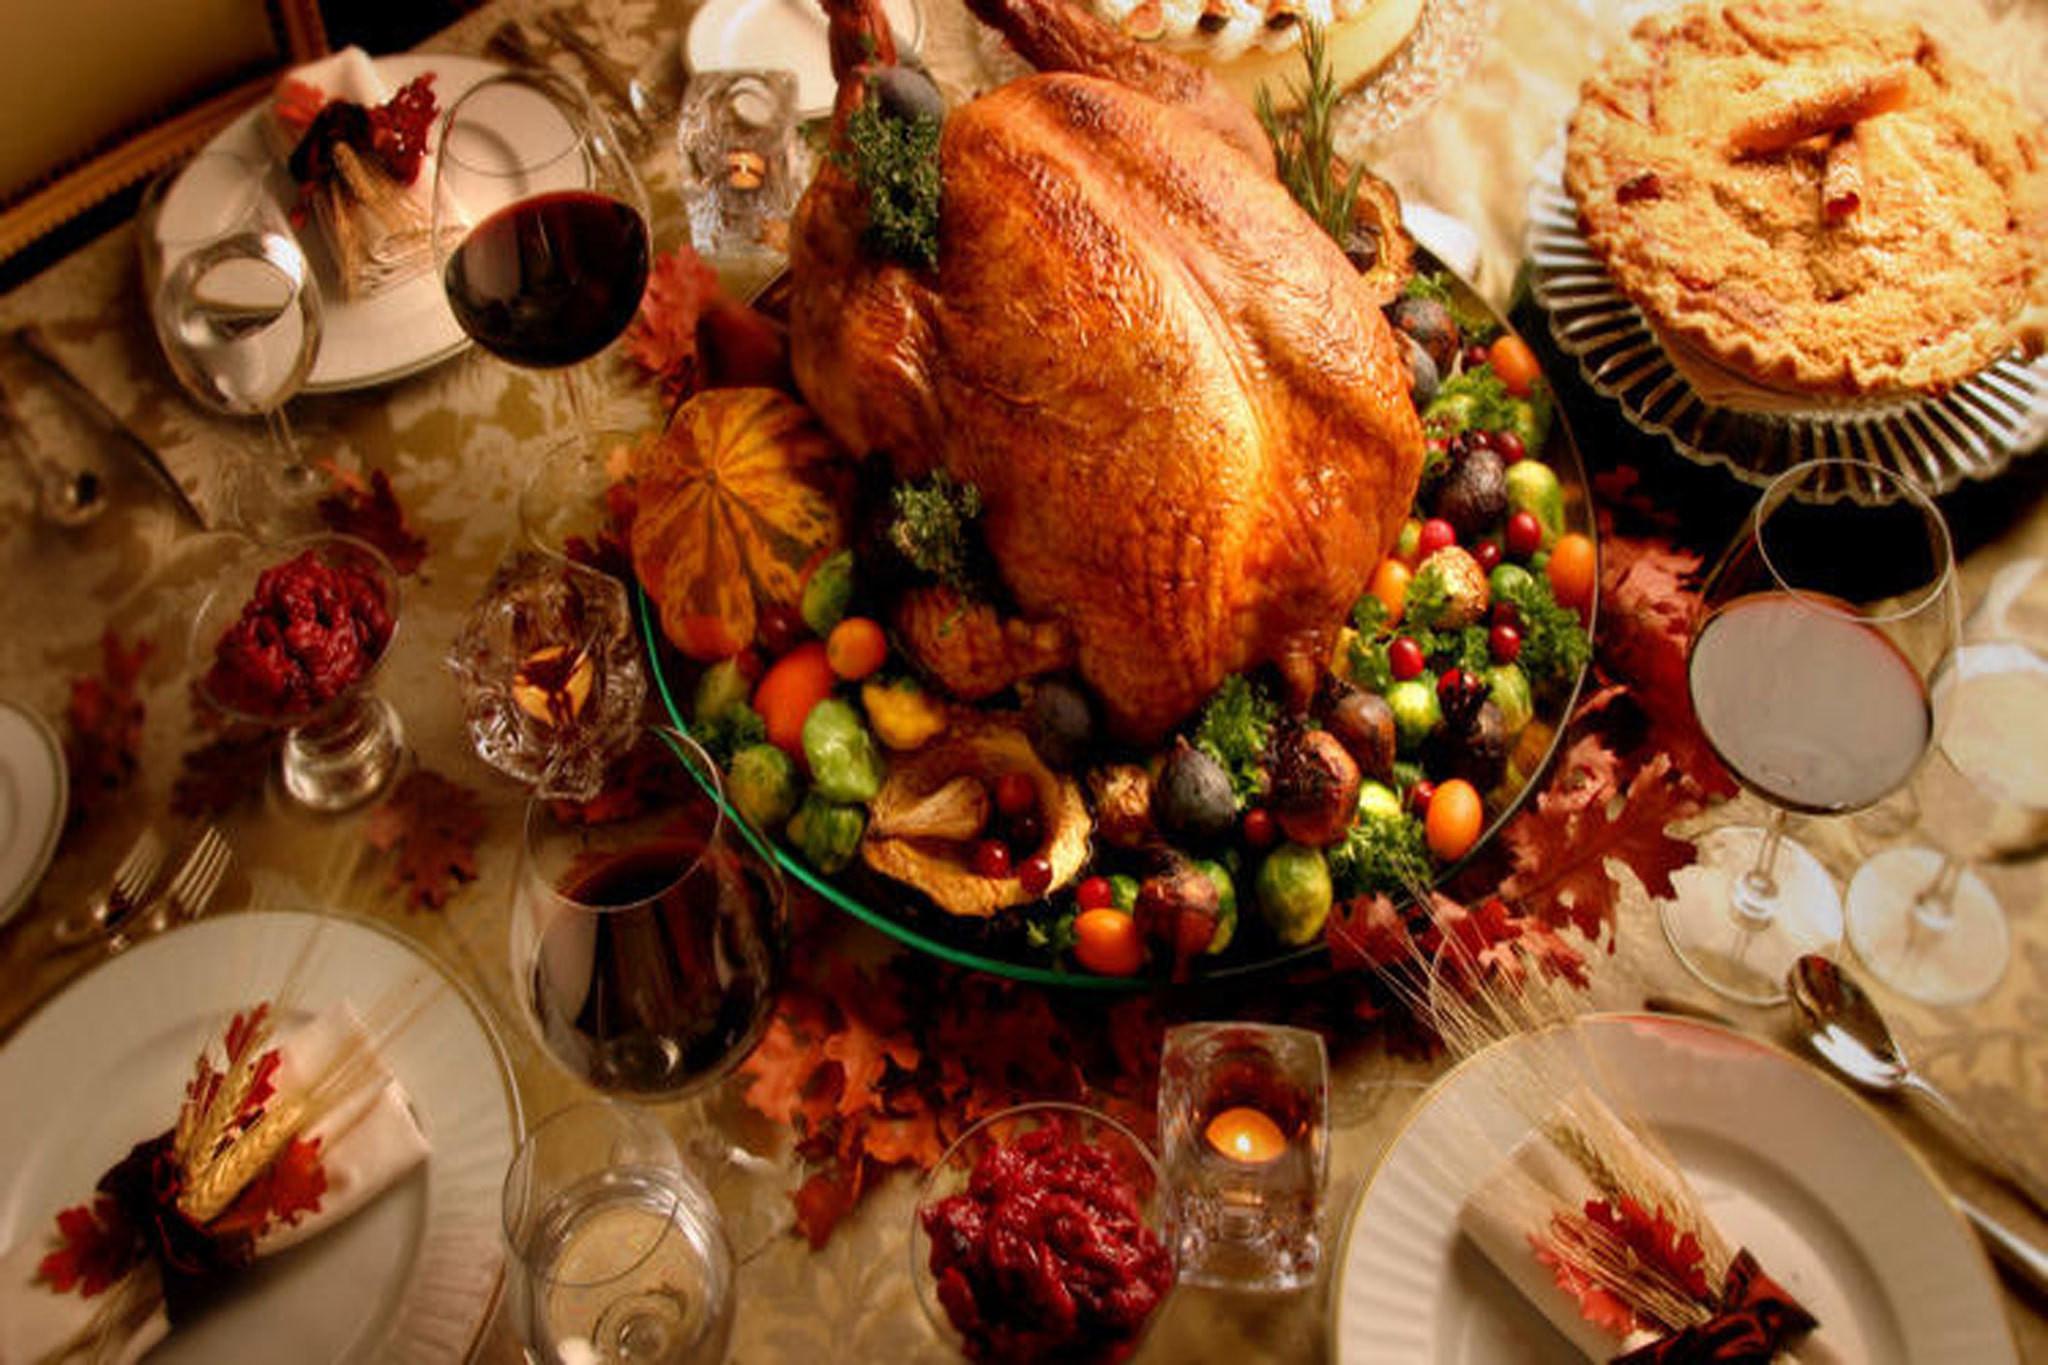 Thanksgiving Dinner Restaurant 2019  Best restaurants for Thanksgiving dinner in Los Angeles